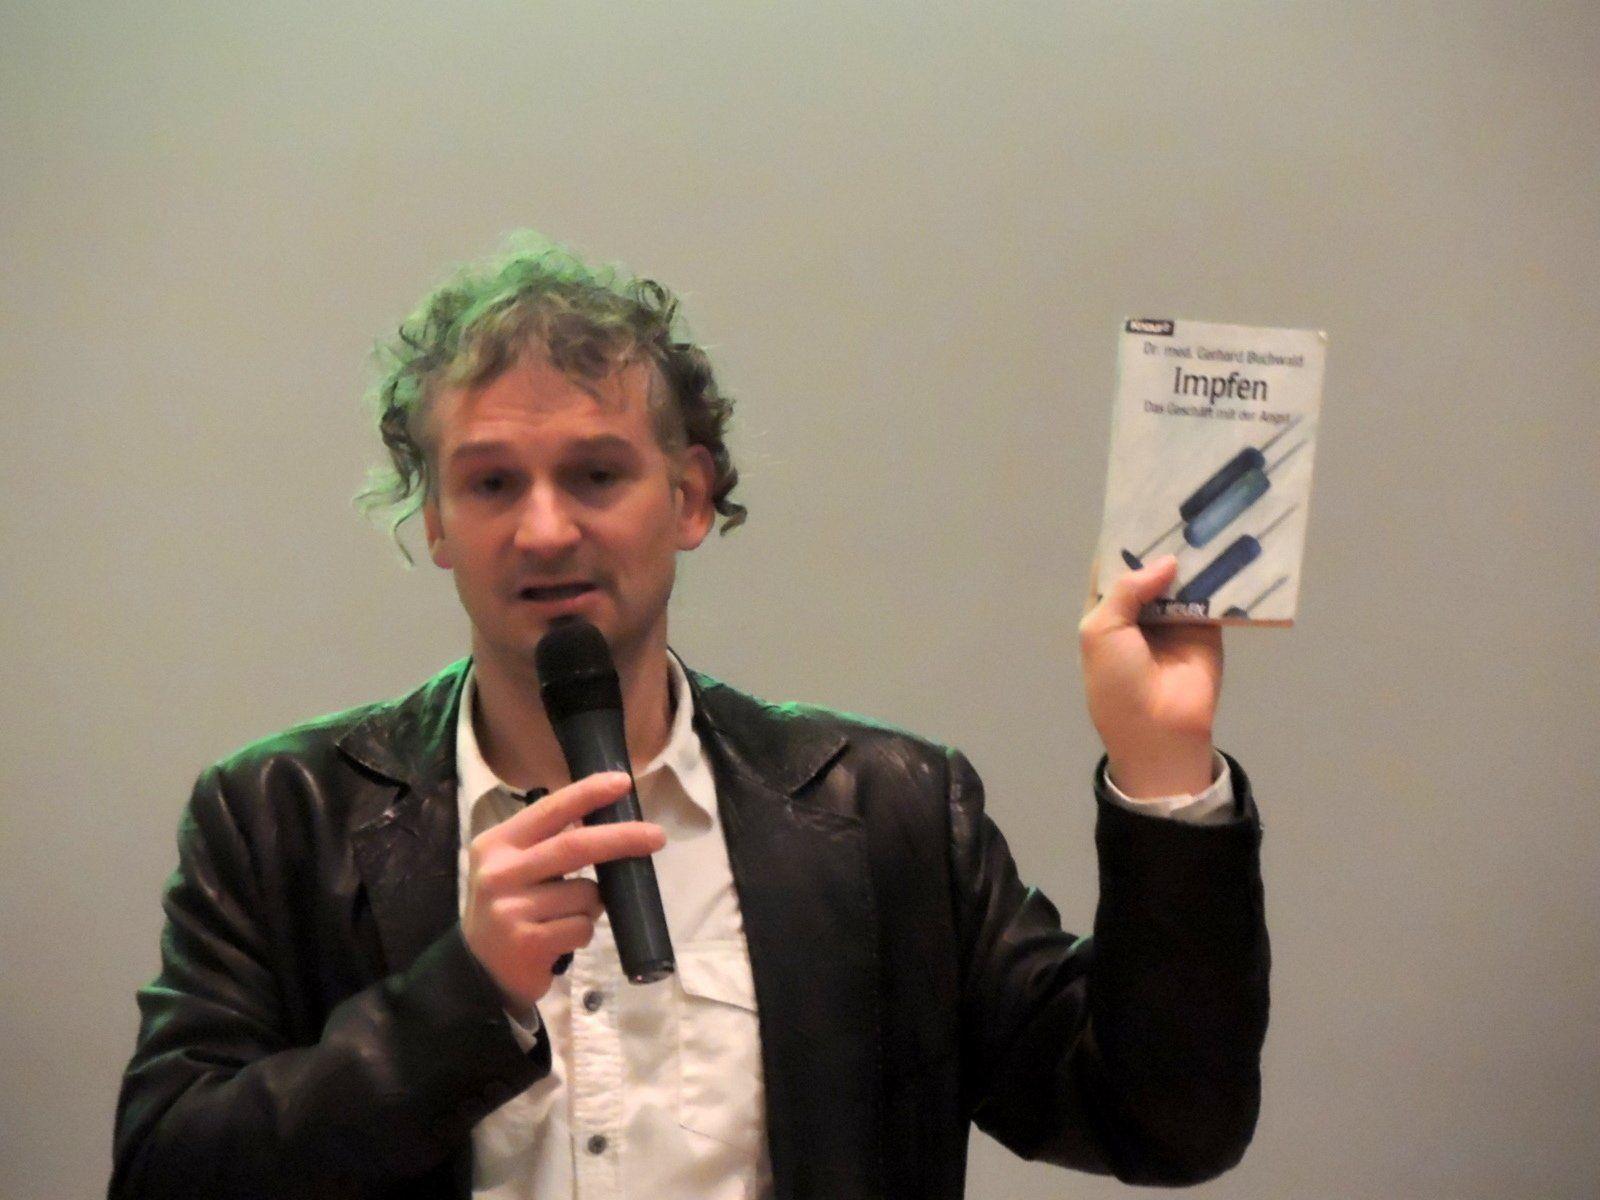 Impfkritiker Dr. Rolf Kron